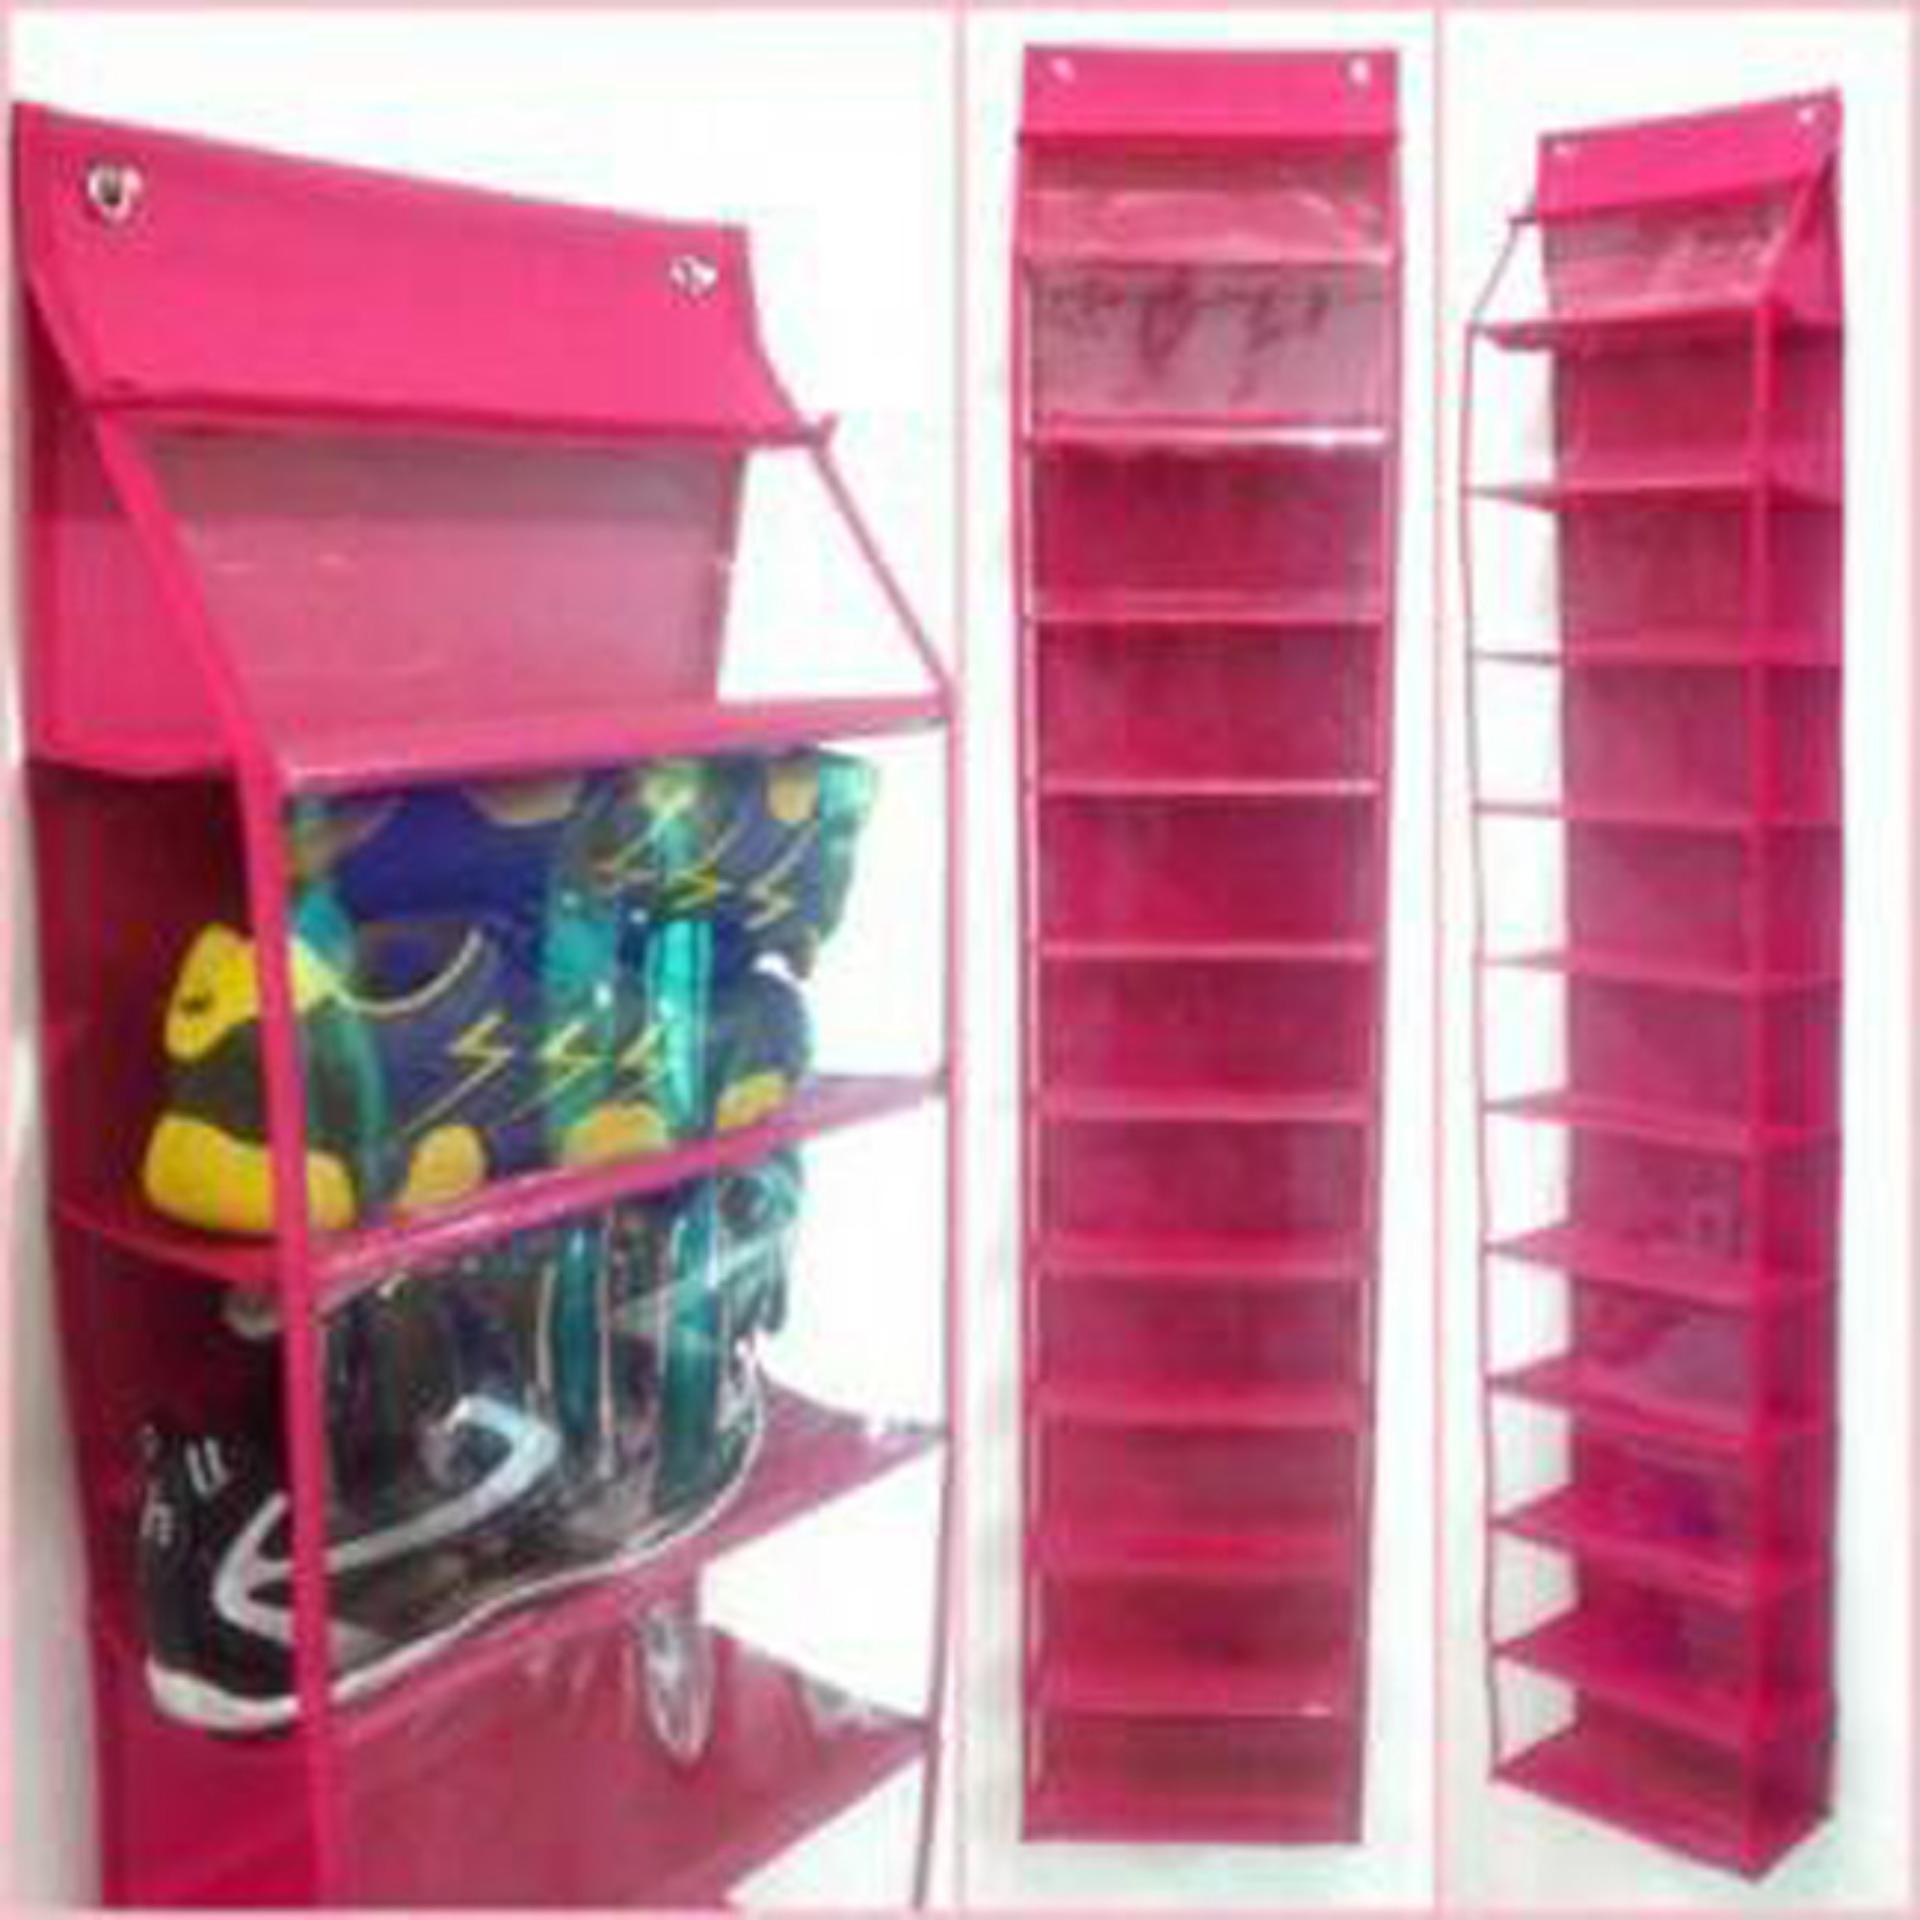 Harga Emwe Hso Rak Sepatu Gantung Terbuka Tanpa Resleting Hanging Shoes Organizer No Zipper 11 Sekat Shoe Case Sandal Hot Pink Online Jawa Tengah